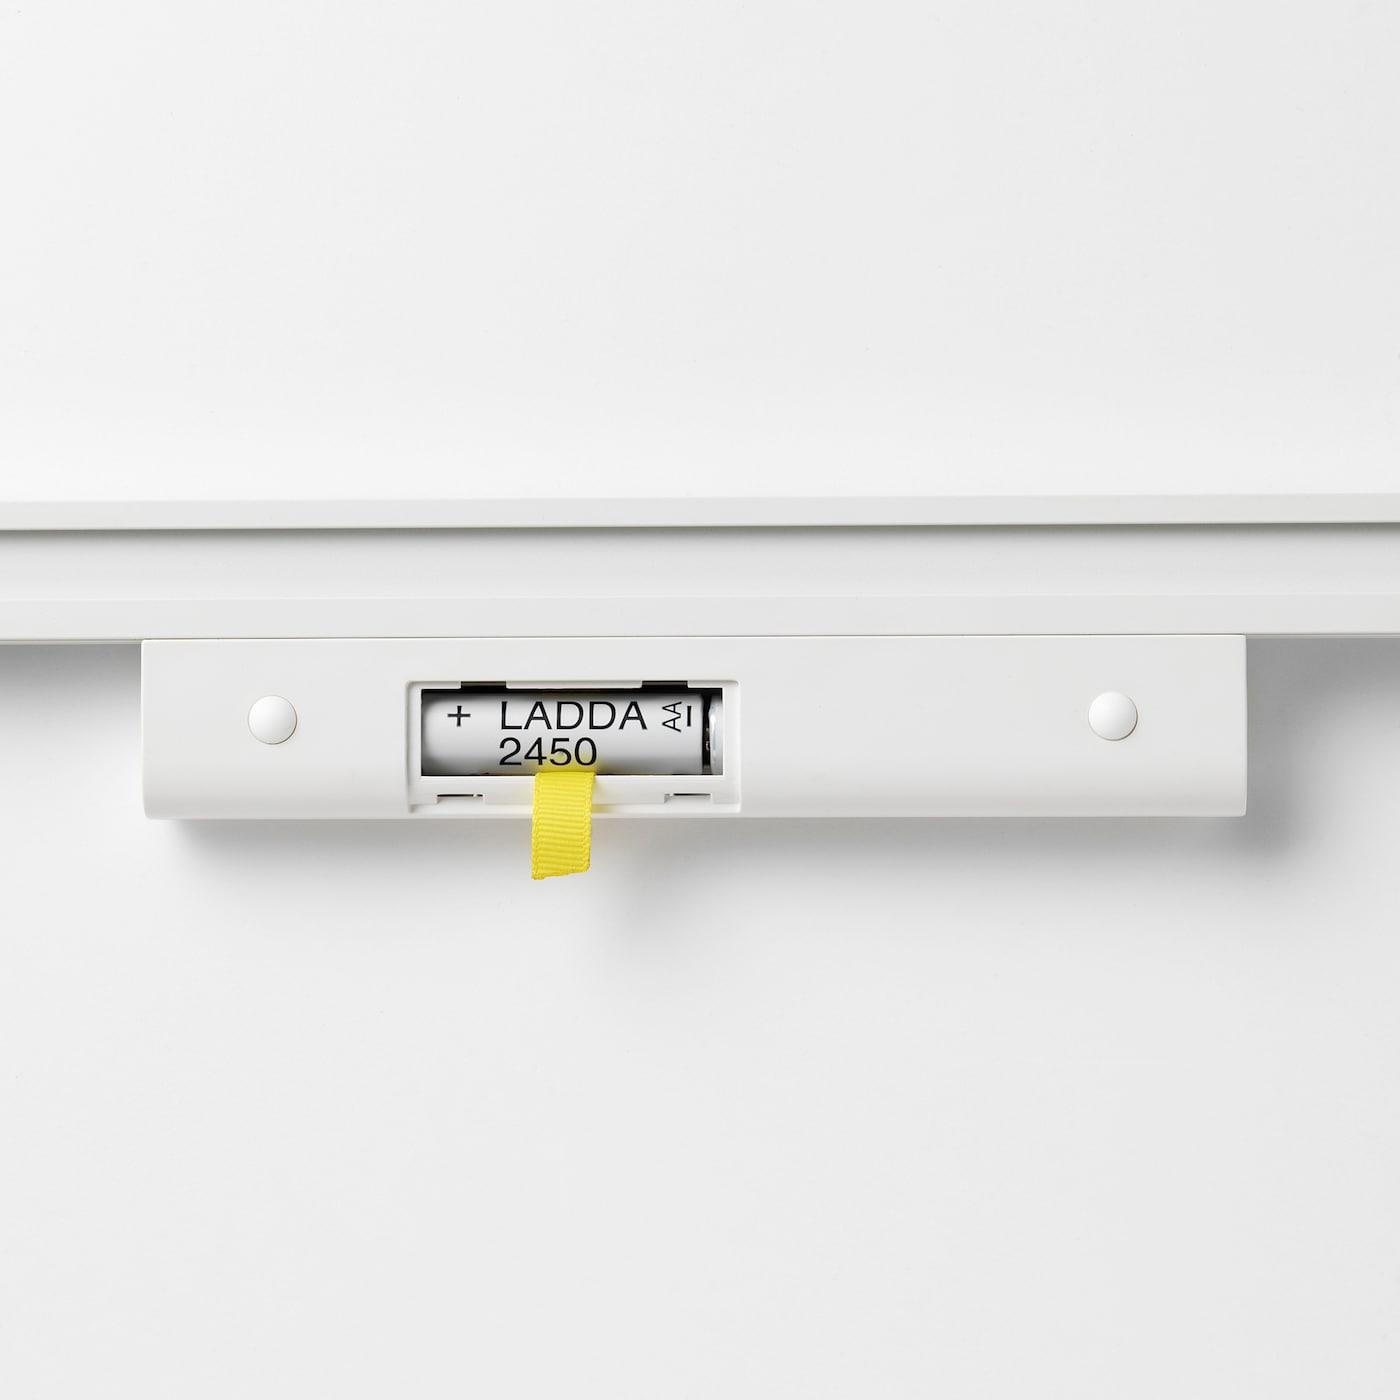 Nouveau ikea urshult led éclairage pour armoire disponible en 2 couleurs